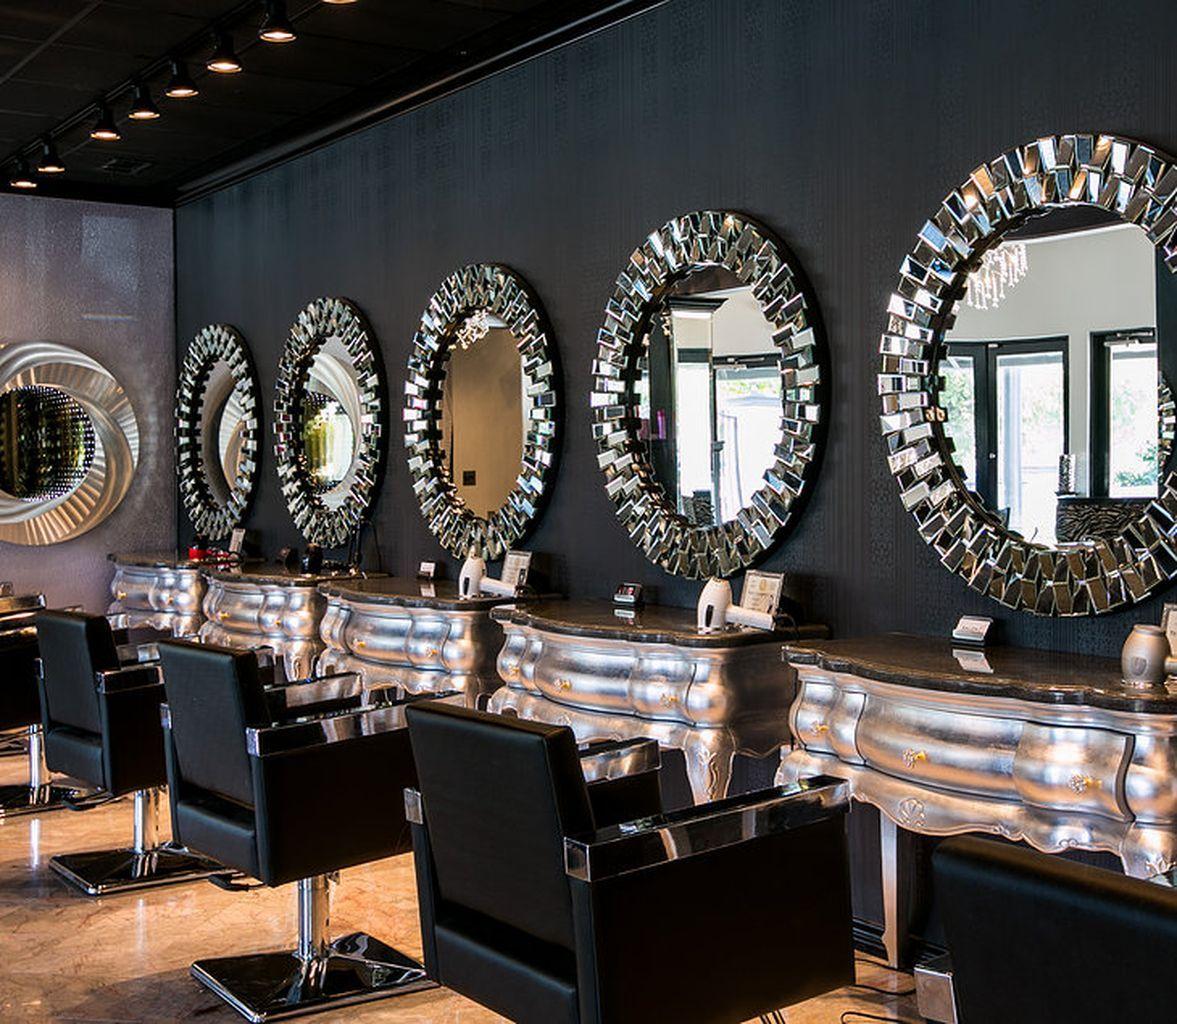 11+ Hair Salon Ideas  Beauty salon decor, Hair salon interior